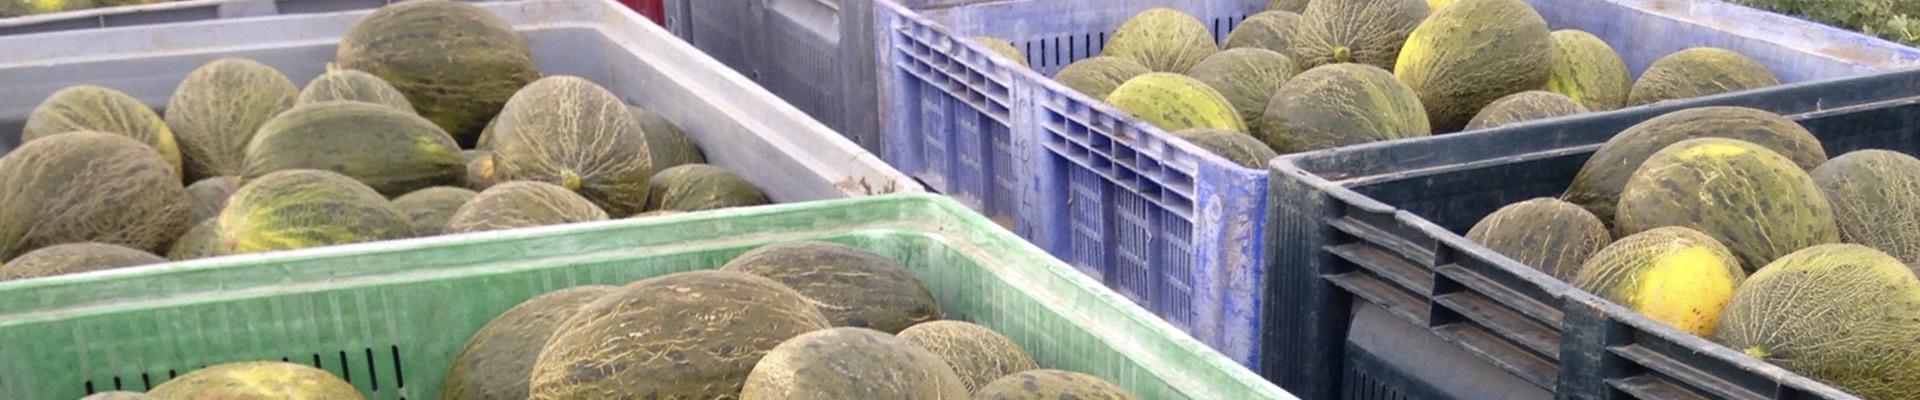 recolección de melon en cajas